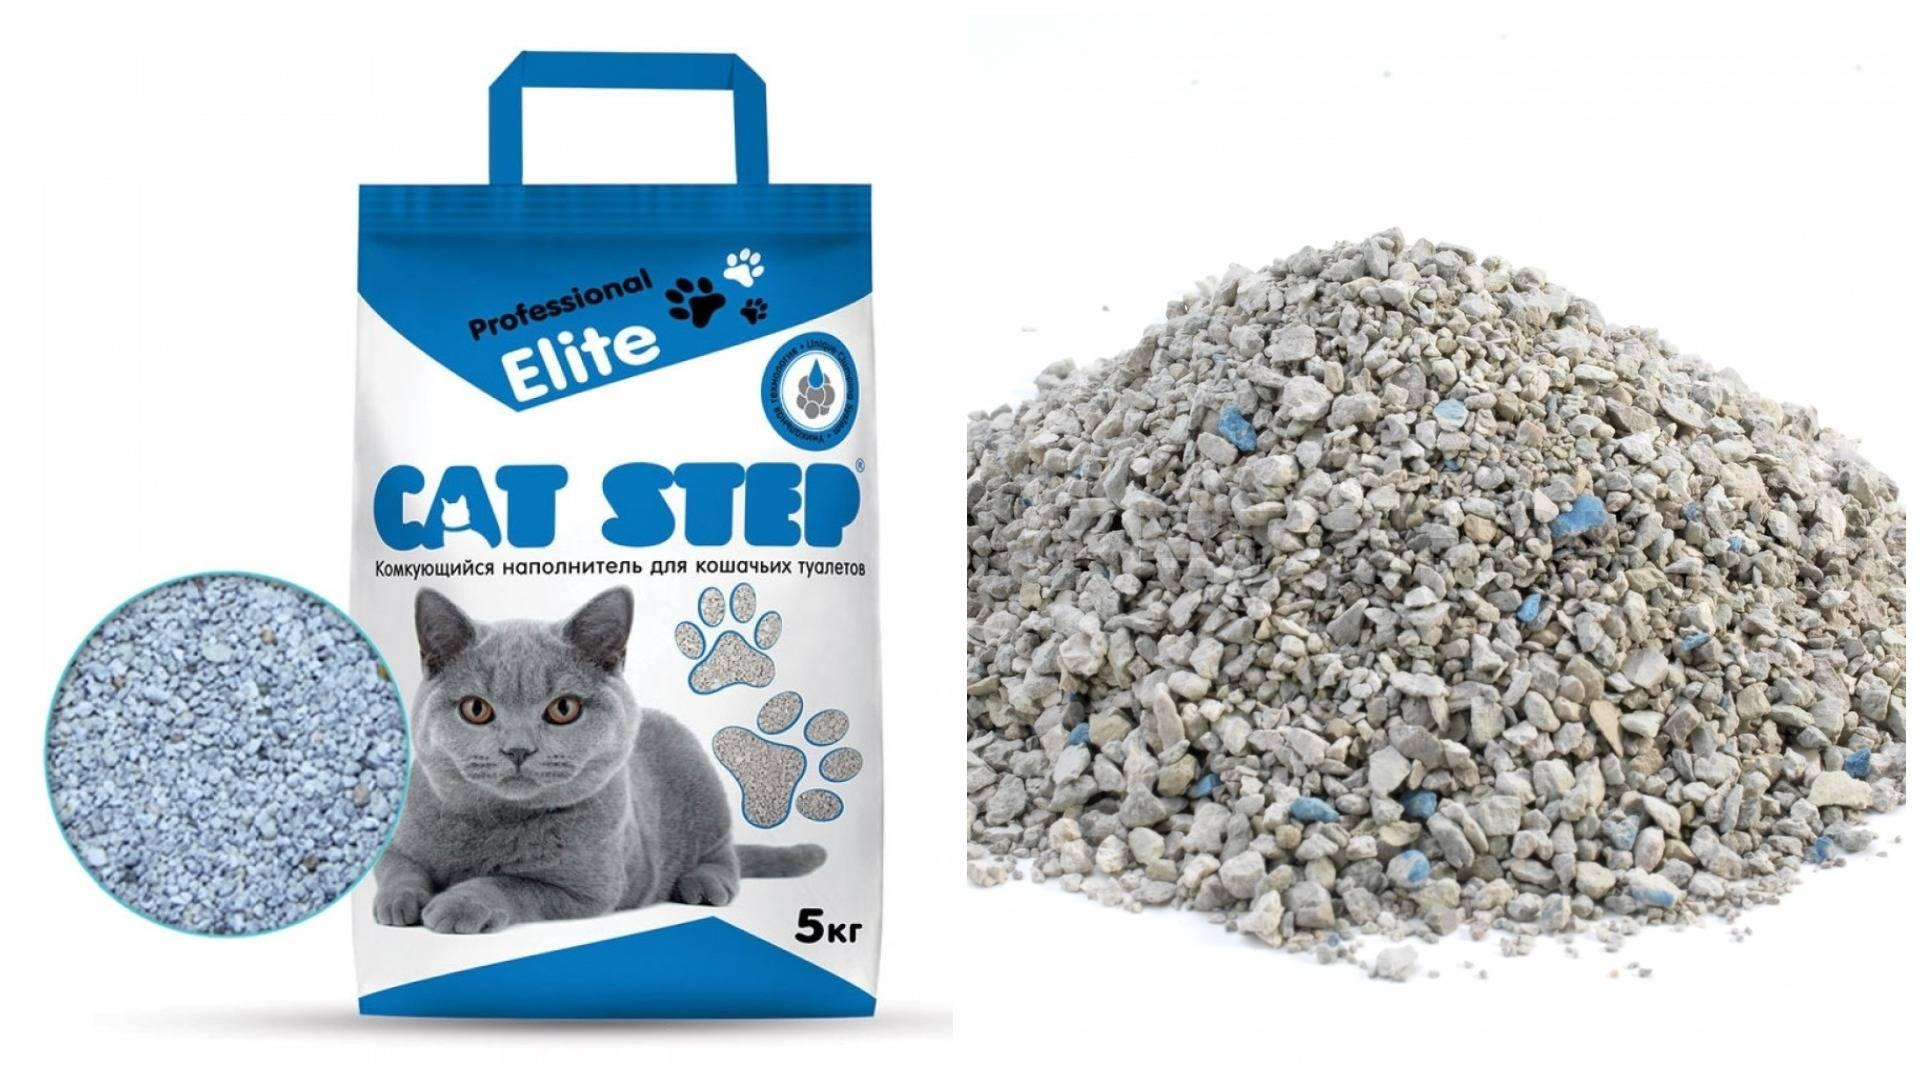 Котенок ест наполнитель: почему кошка есть глину для туалета? что делать, если кот кушает впитывающий наполнитель из лотка?